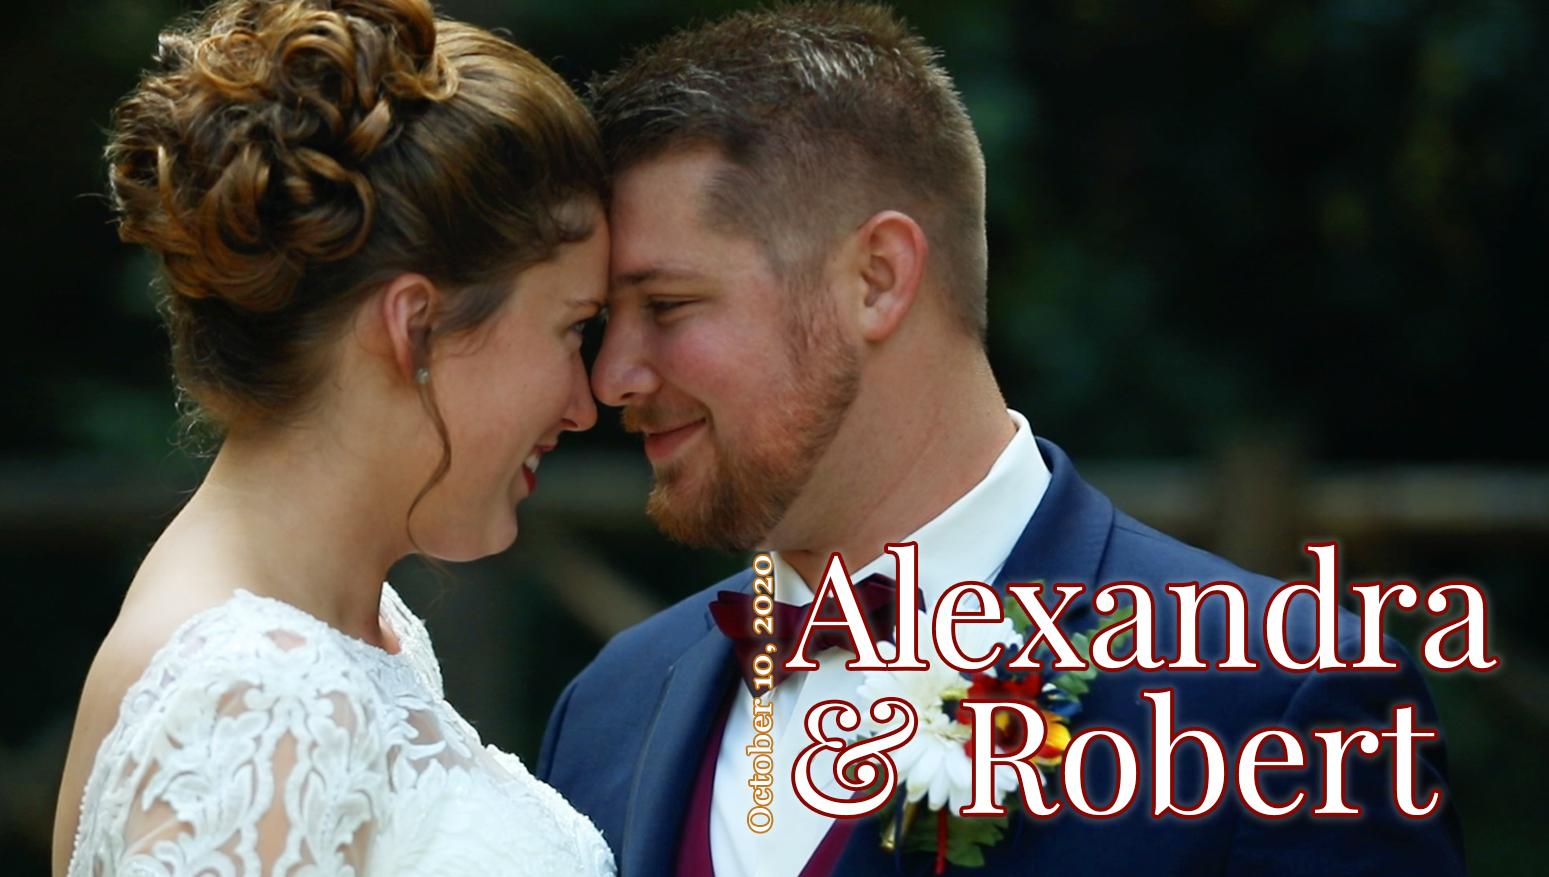 Alexandra + Robert | Springfield, Illinois | Maldaners